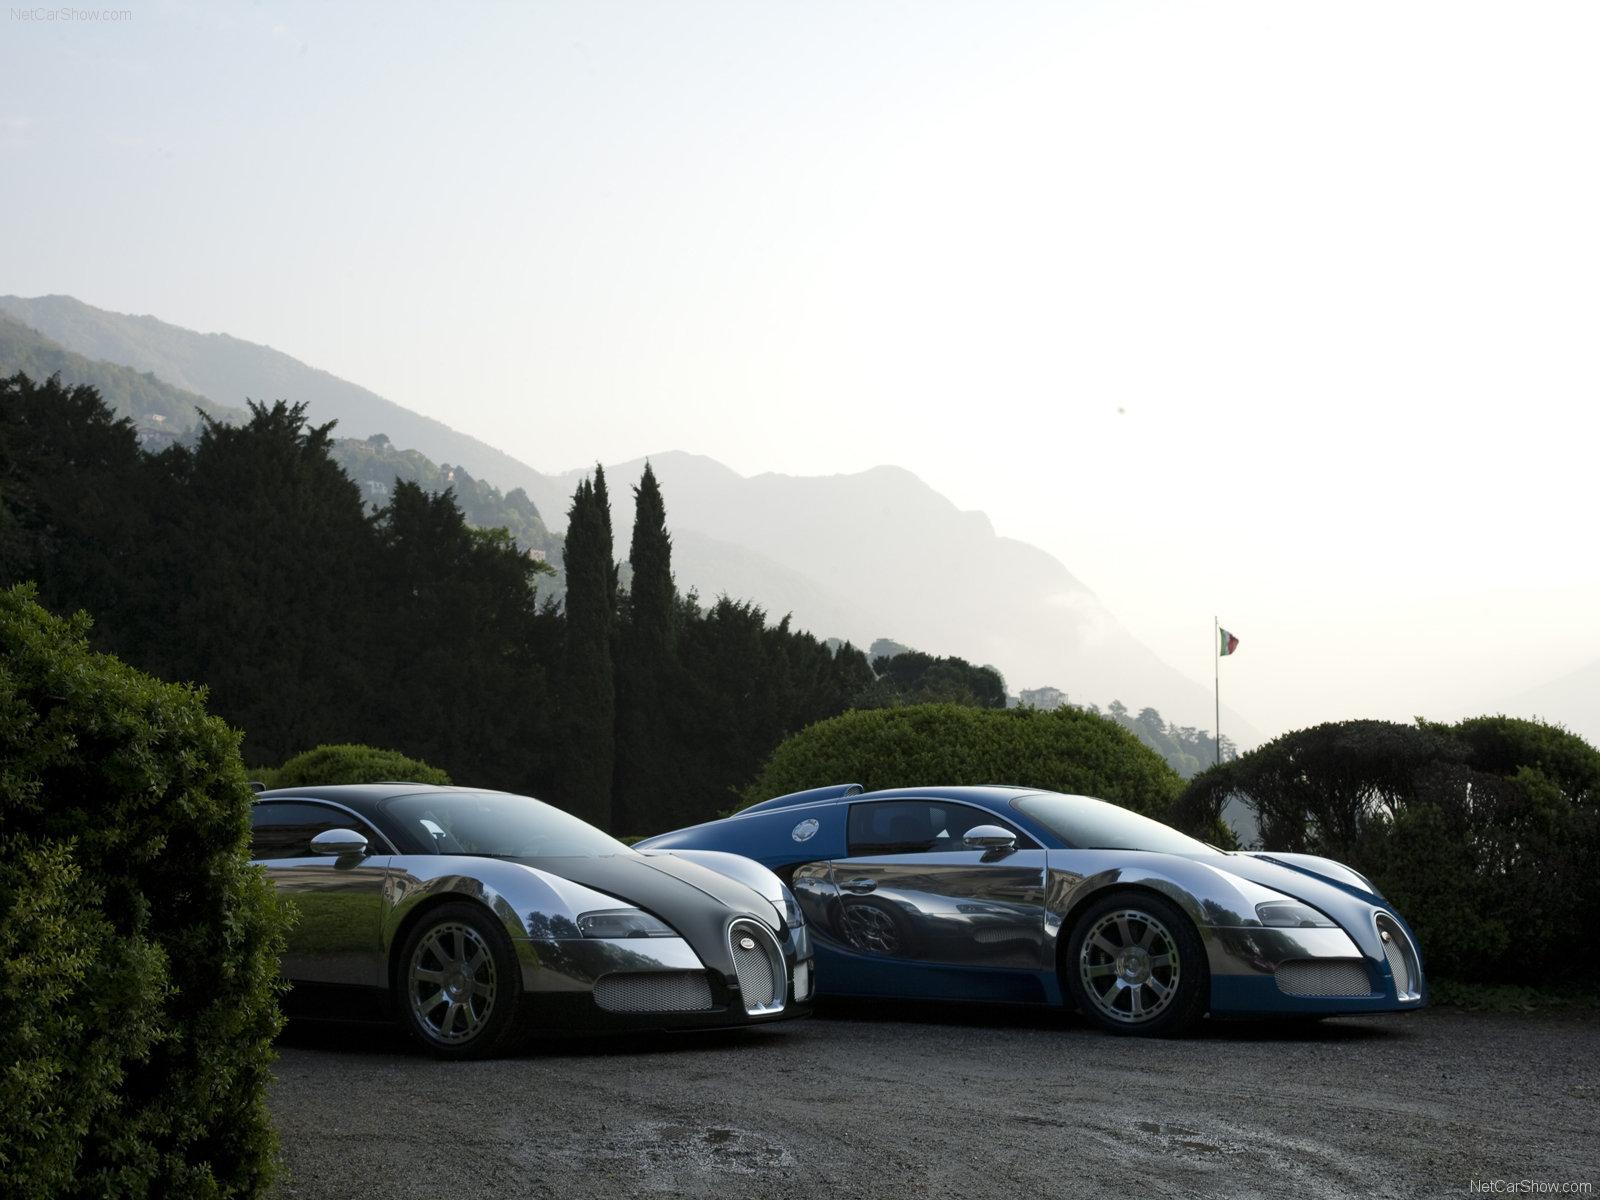 Bugatti-Veyron_Centenaire_mp104_pic_63791 Exciting Bugatti Veyron Grand Sport Vitesse Fiche Technique Cars Trend